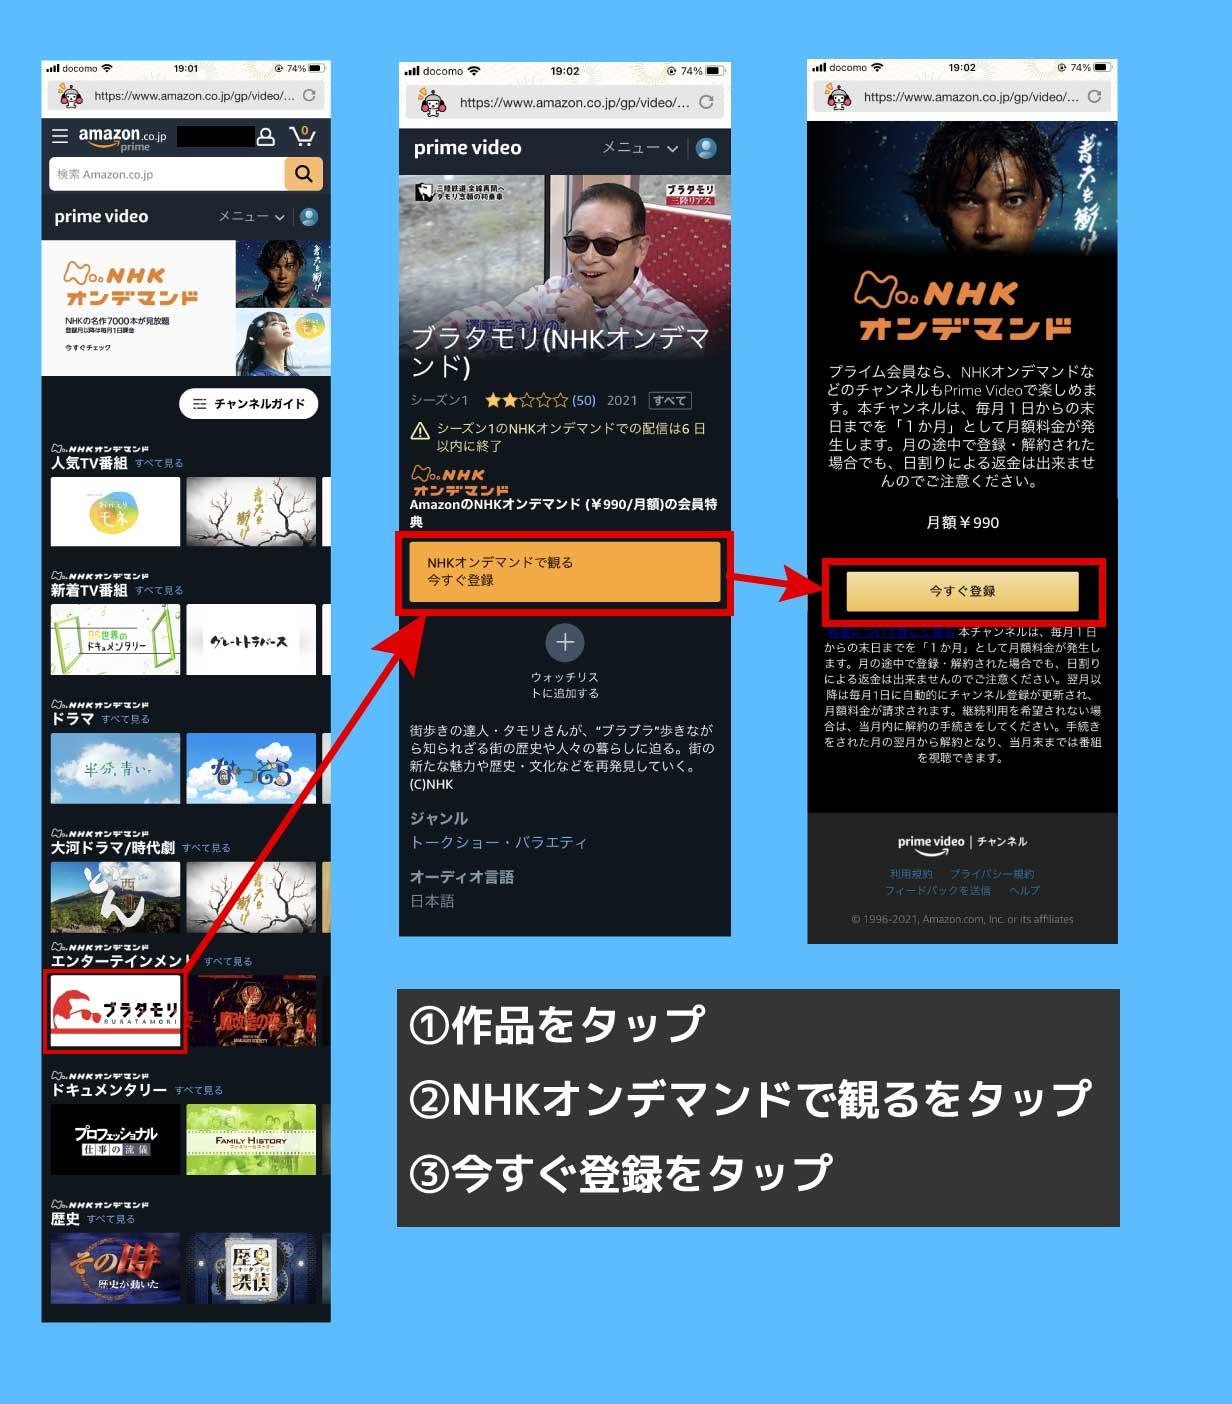 NHKオンデマンドの登録画面